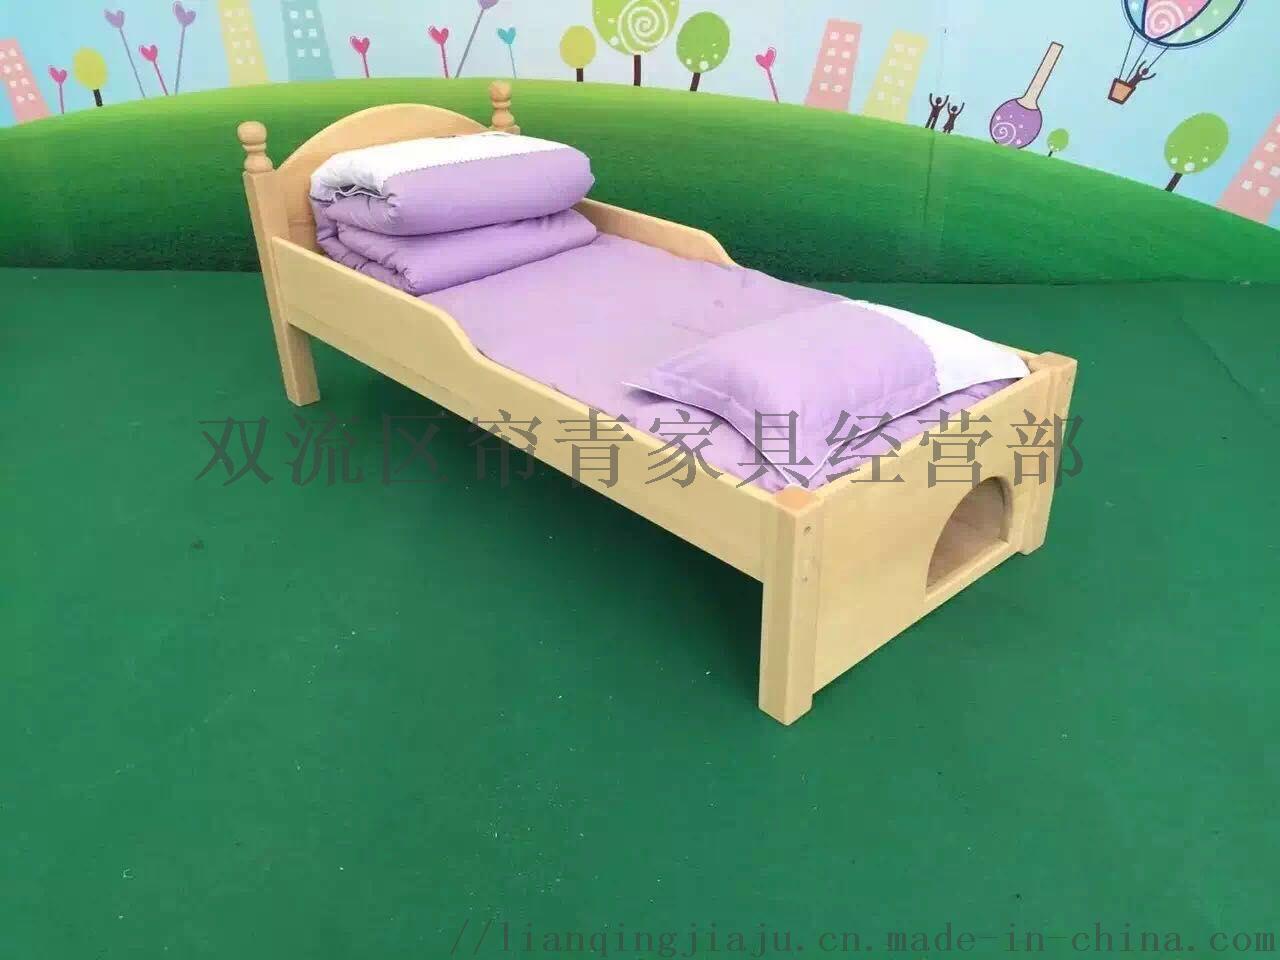 遵义幼儿园家具小床实木材质成都幼儿园家具厂家924821435